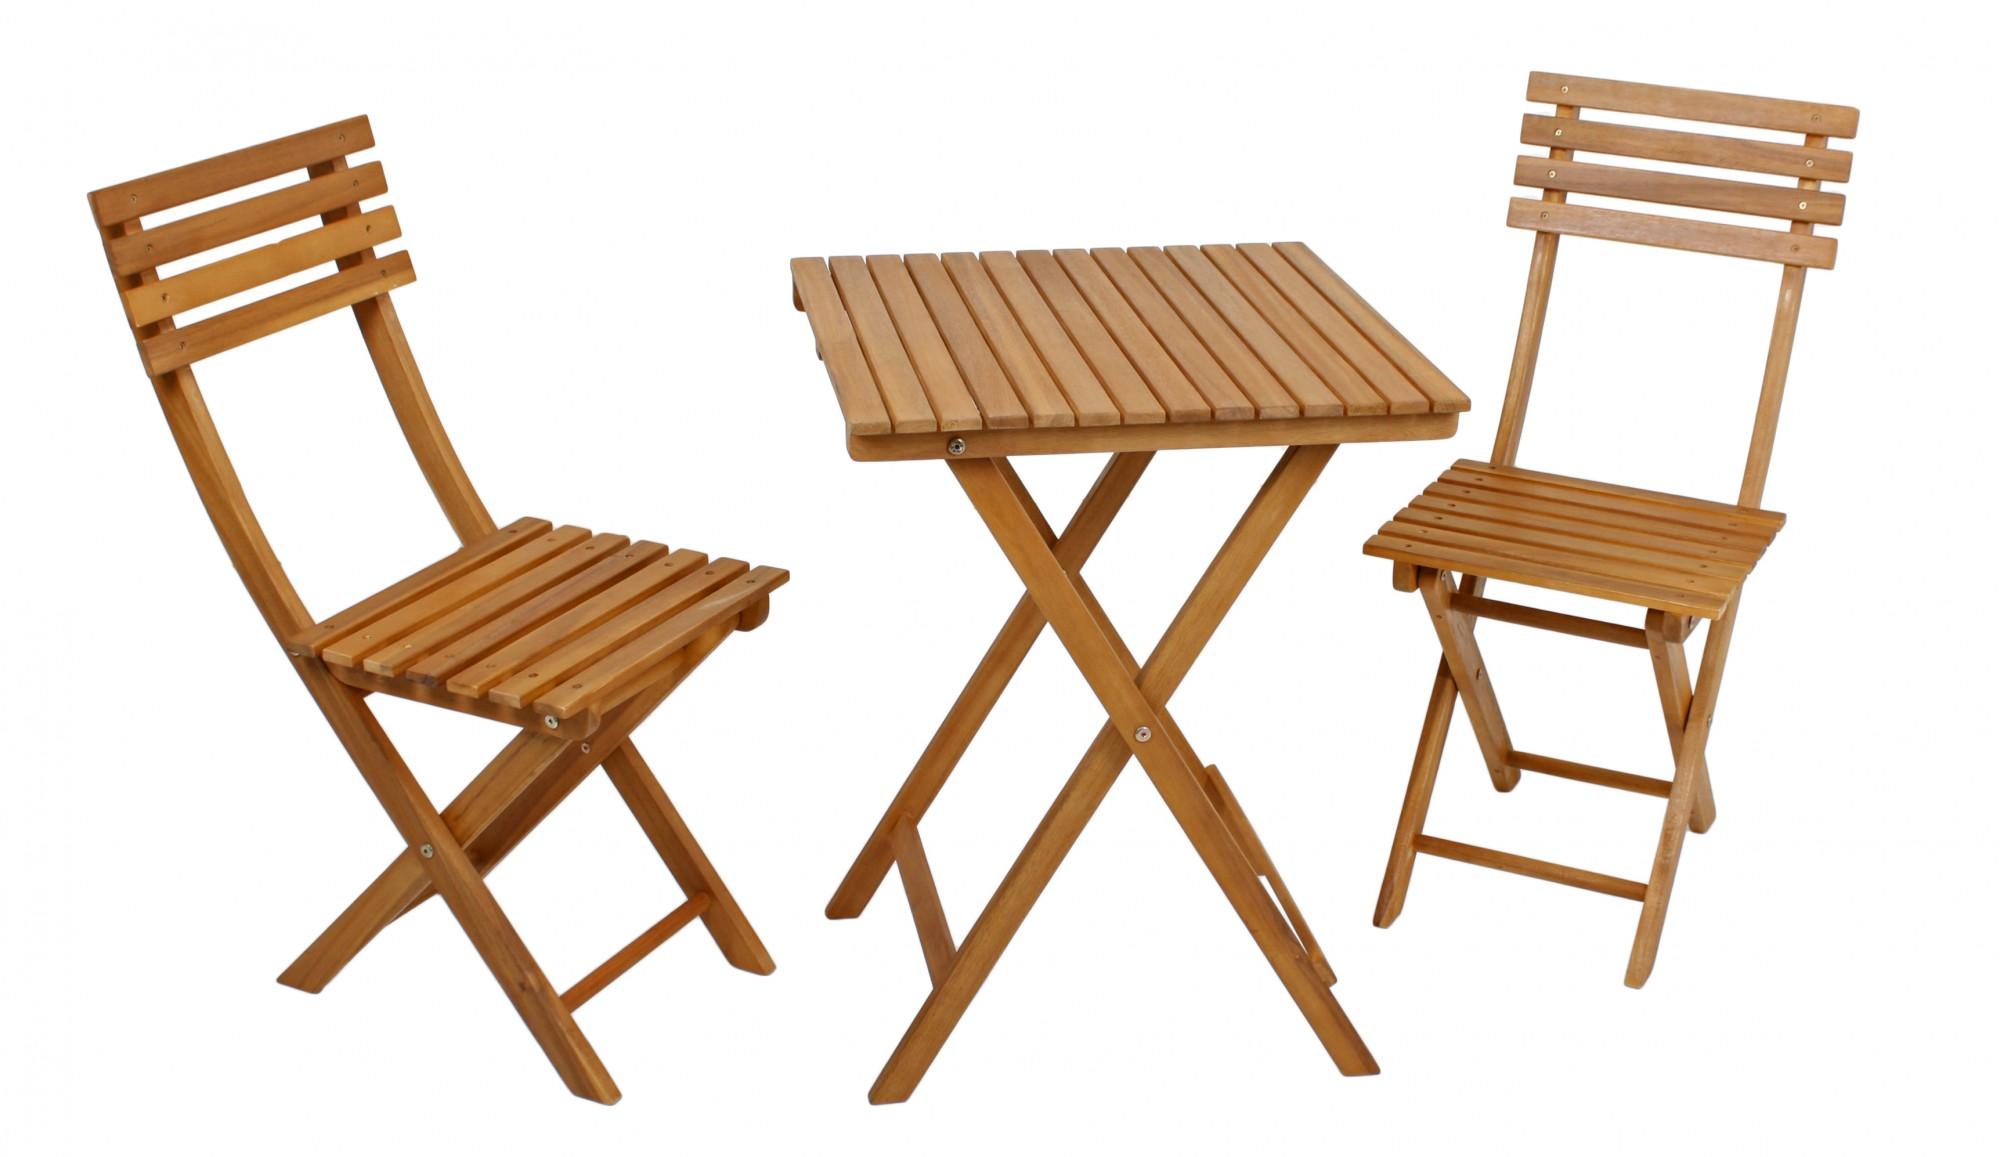 balkonset aus akazie mit zwei st hlen und einem tisch gartenm bel sets sitzgruppen. Black Bedroom Furniture Sets. Home Design Ideas